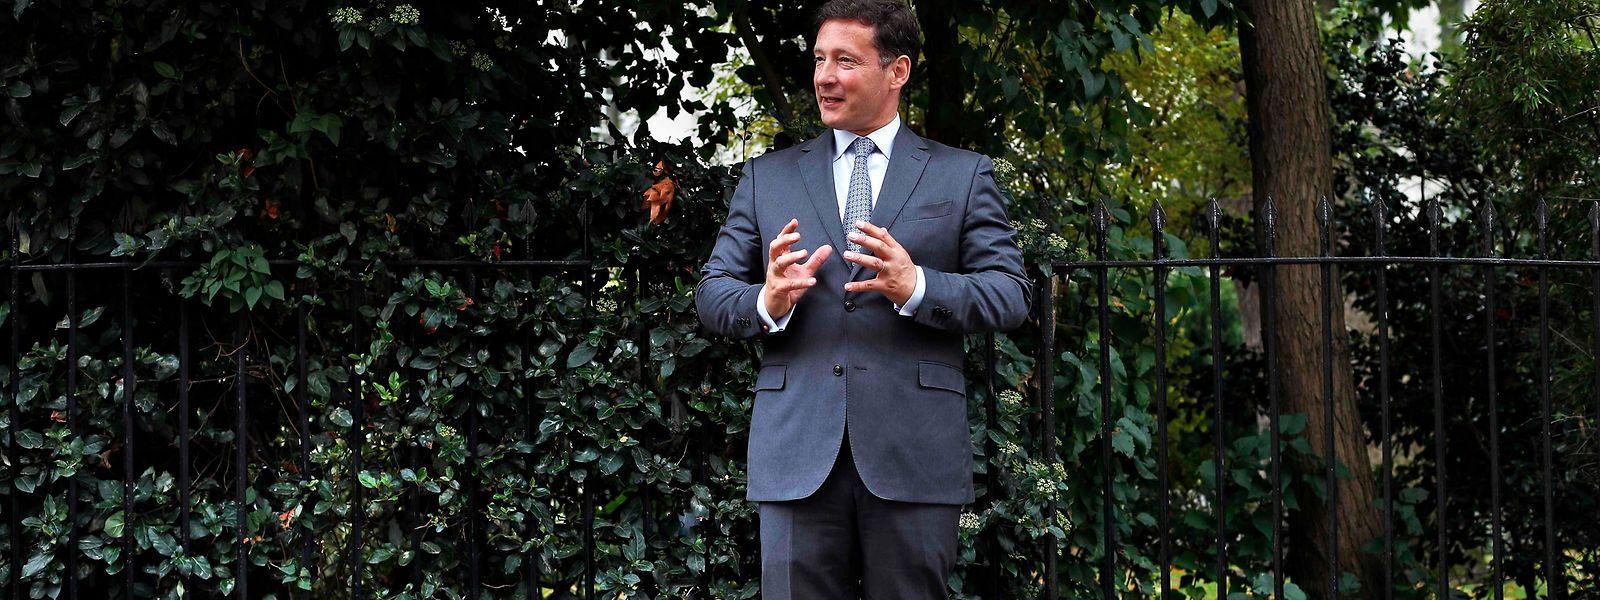 Nicolas Mackel aux abords d'un parc londonien proche de l'Ambassade du Luxembourg à Londres le 6 septembre dernier. Il expliquait à un agencier de l'AFP que 3.000 postes pourraient être relocalisés de Londres à Luxembourg.